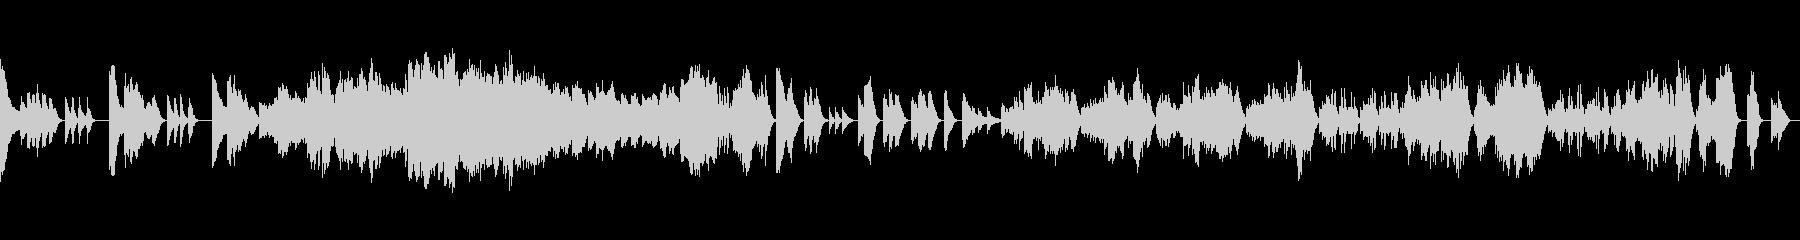 力強く厳格なクラシックピアノの未再生の波形